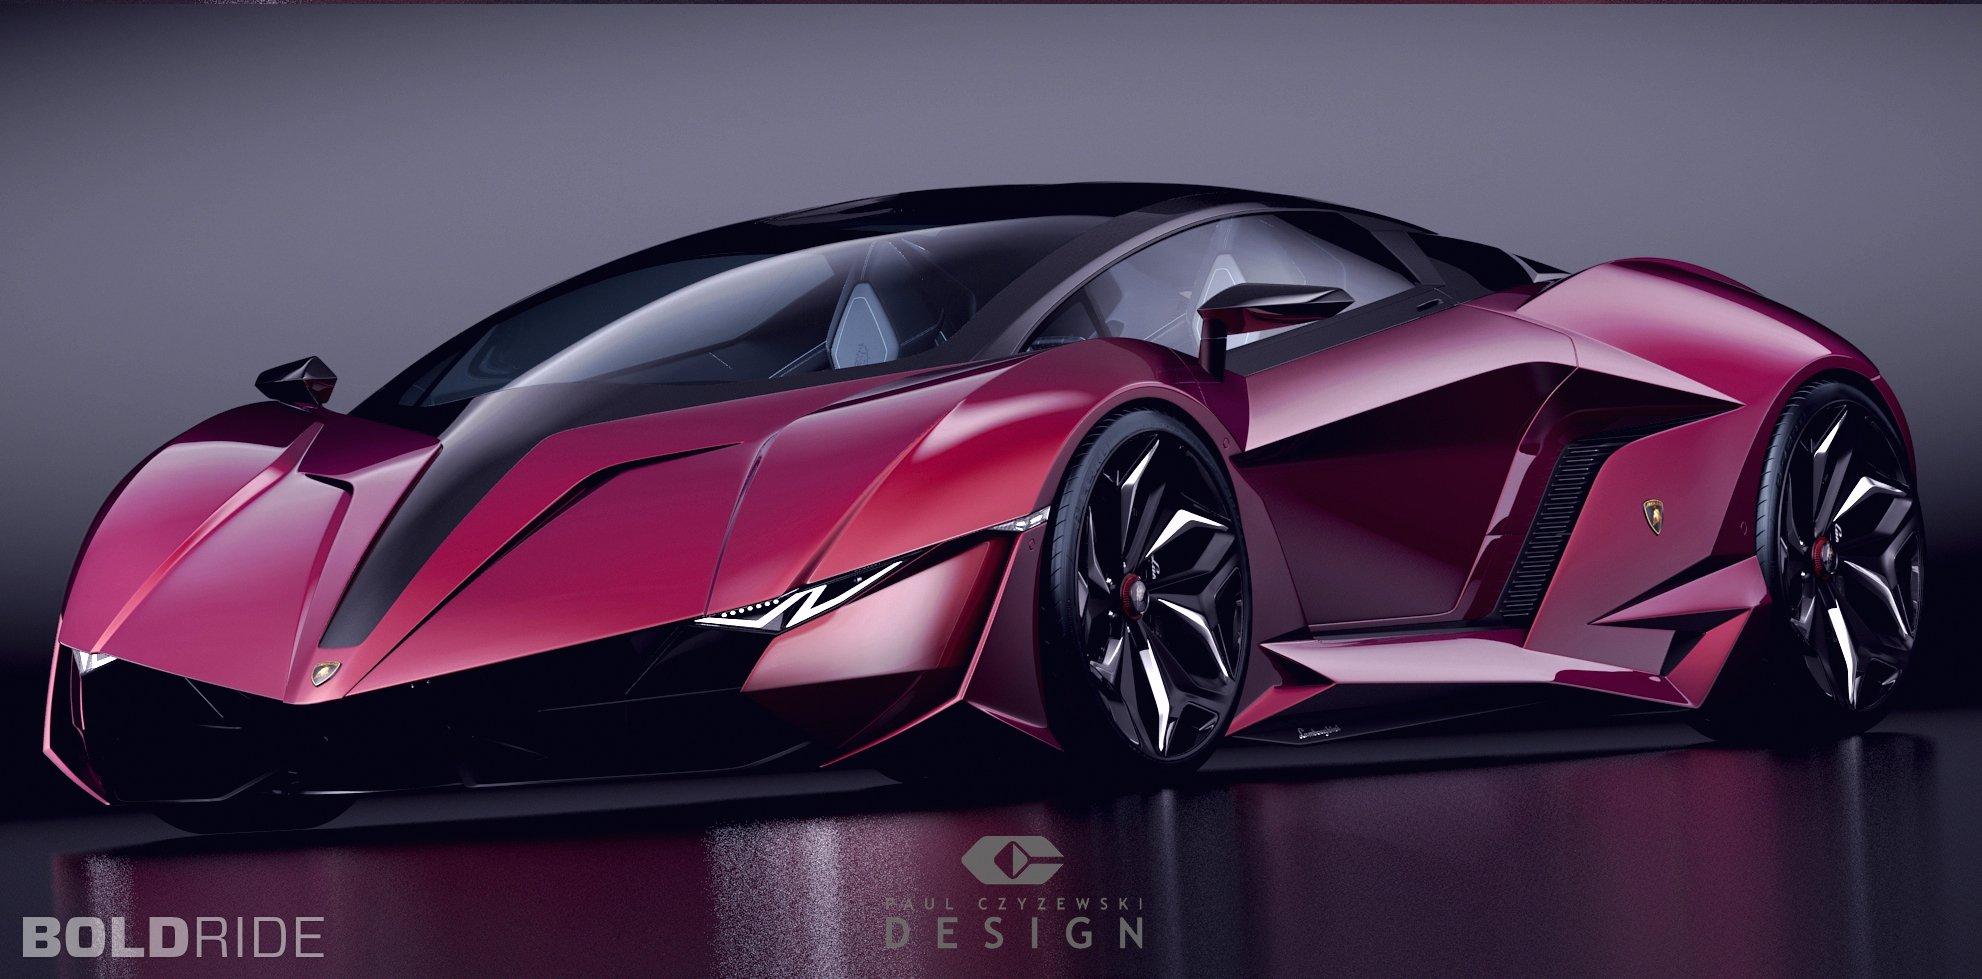 2014 Lamborghini Resonare Concept Car Wallpaper | 1982x979 | 400077 |  WallpaperUP